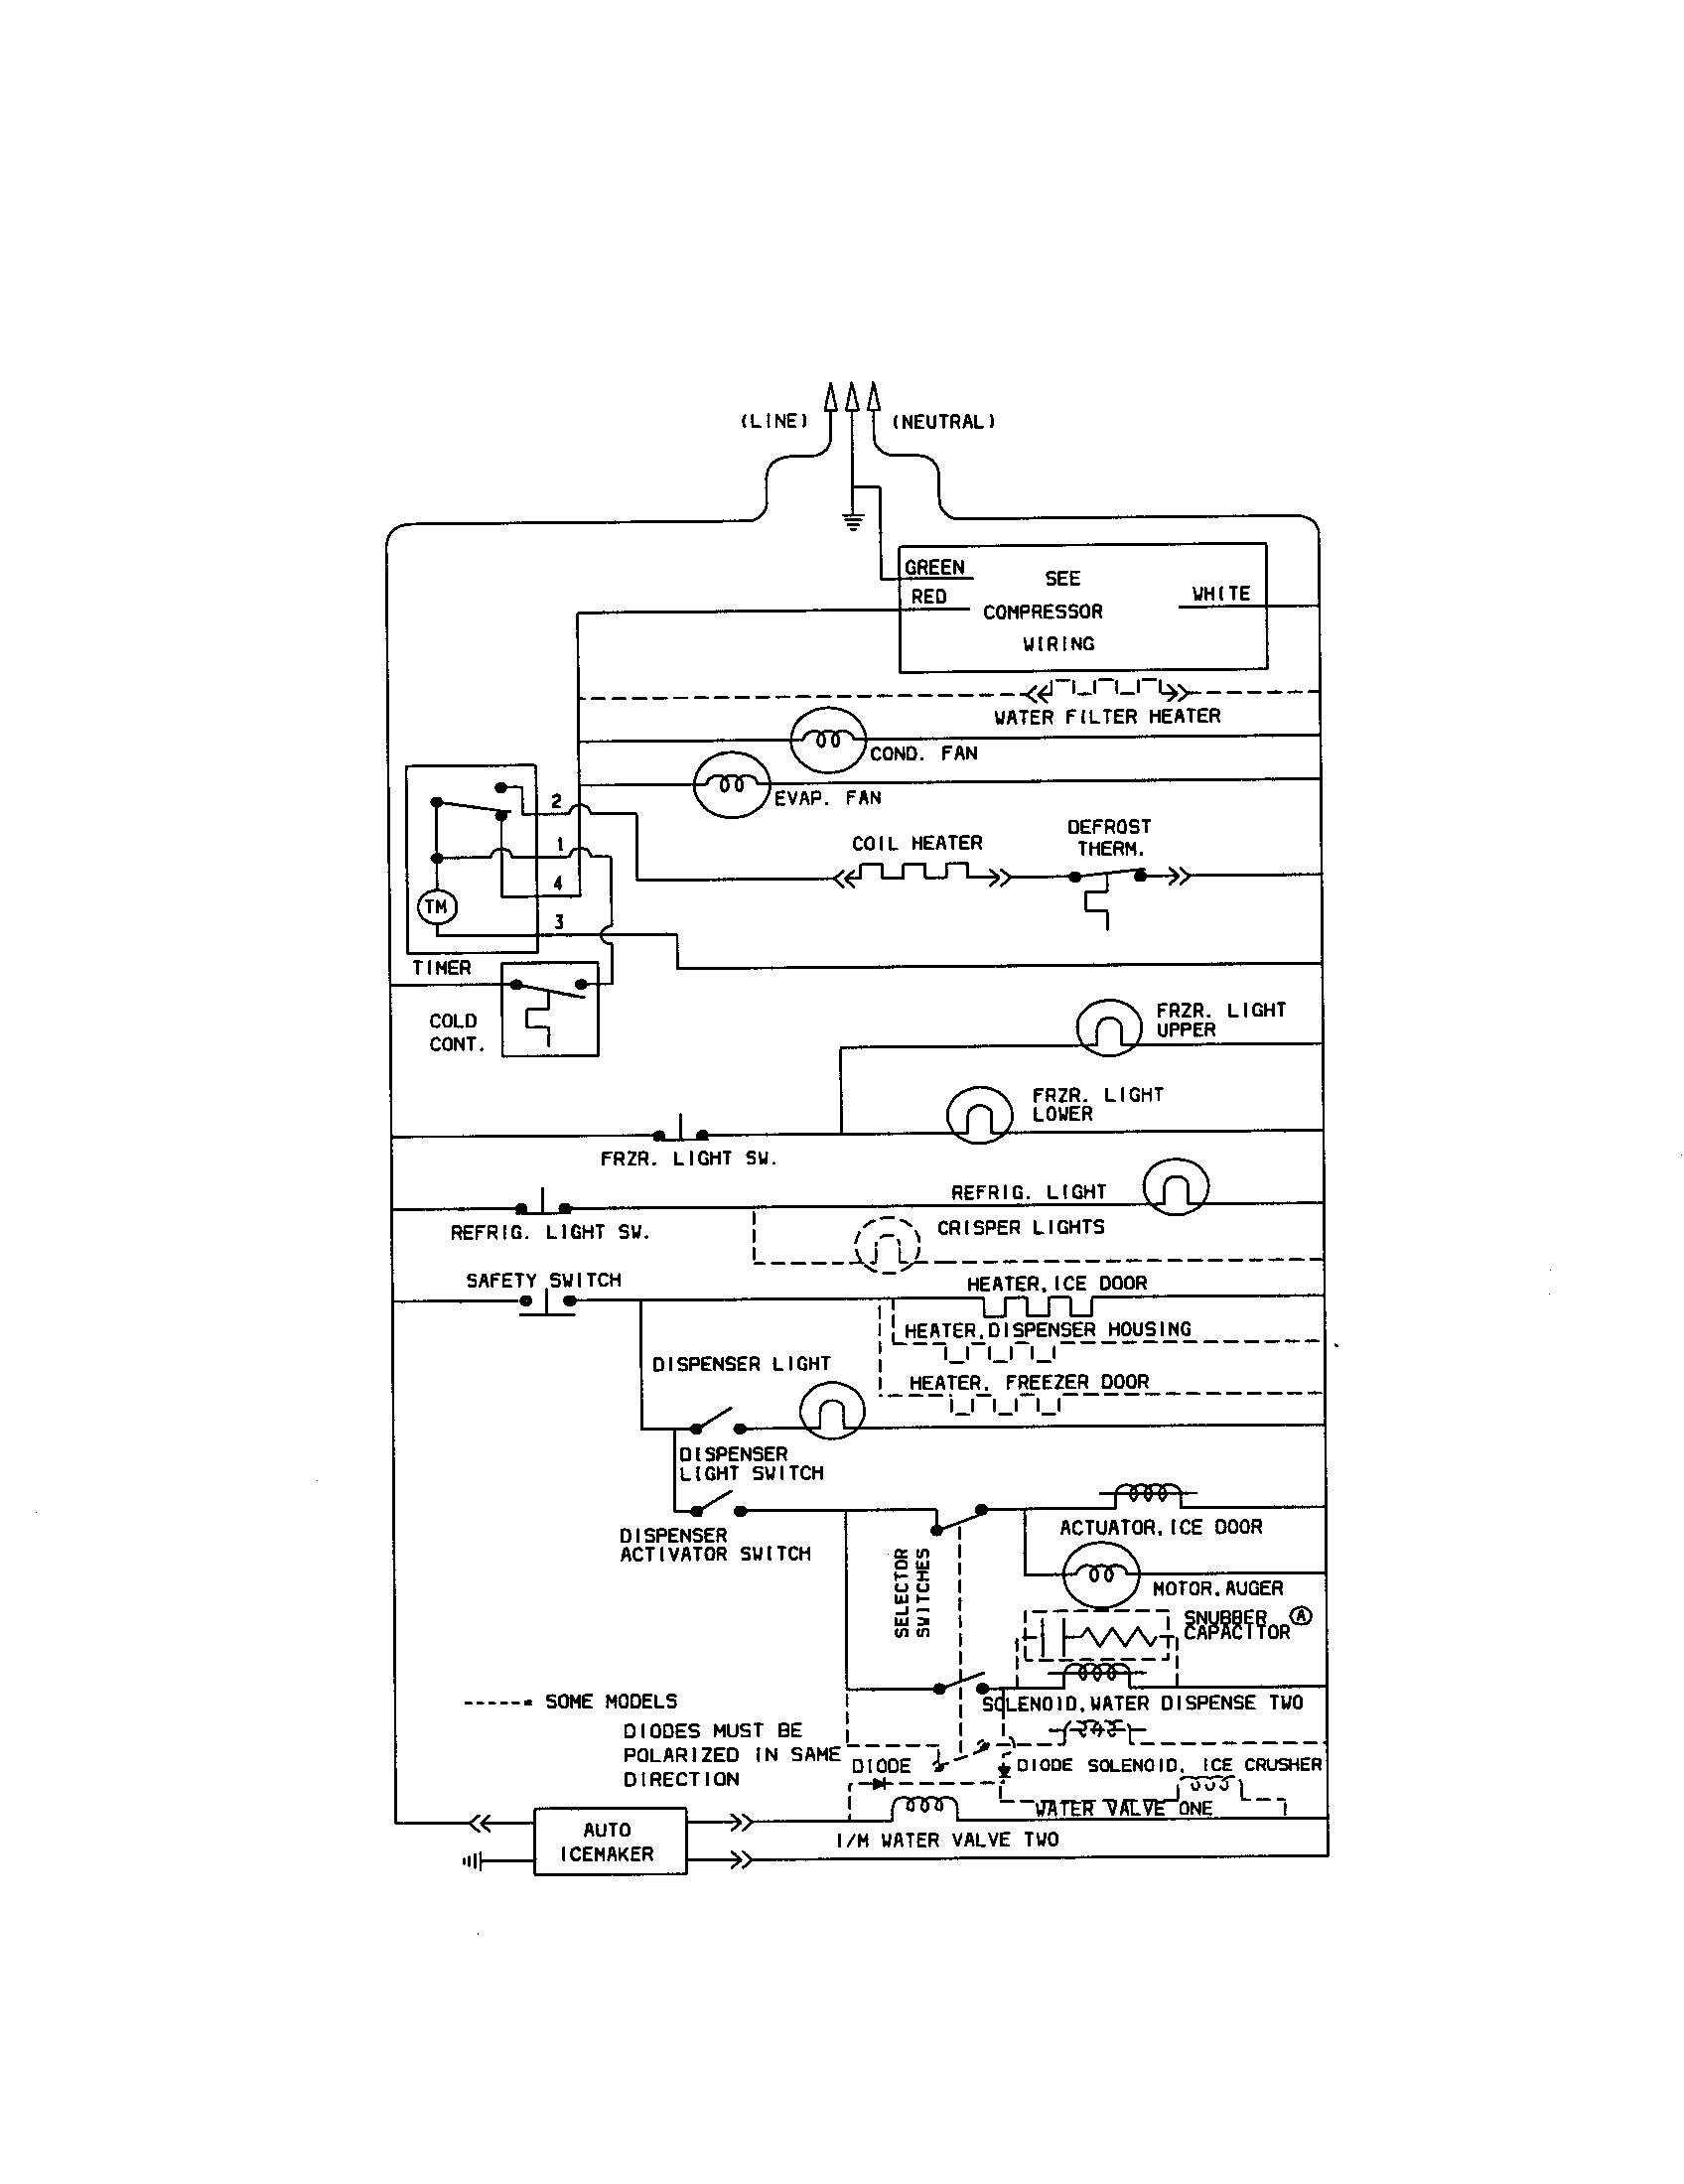 kenmore wiring diagram freezer wiring diagram home Kenmore Wine Cooler Wiring Diagram